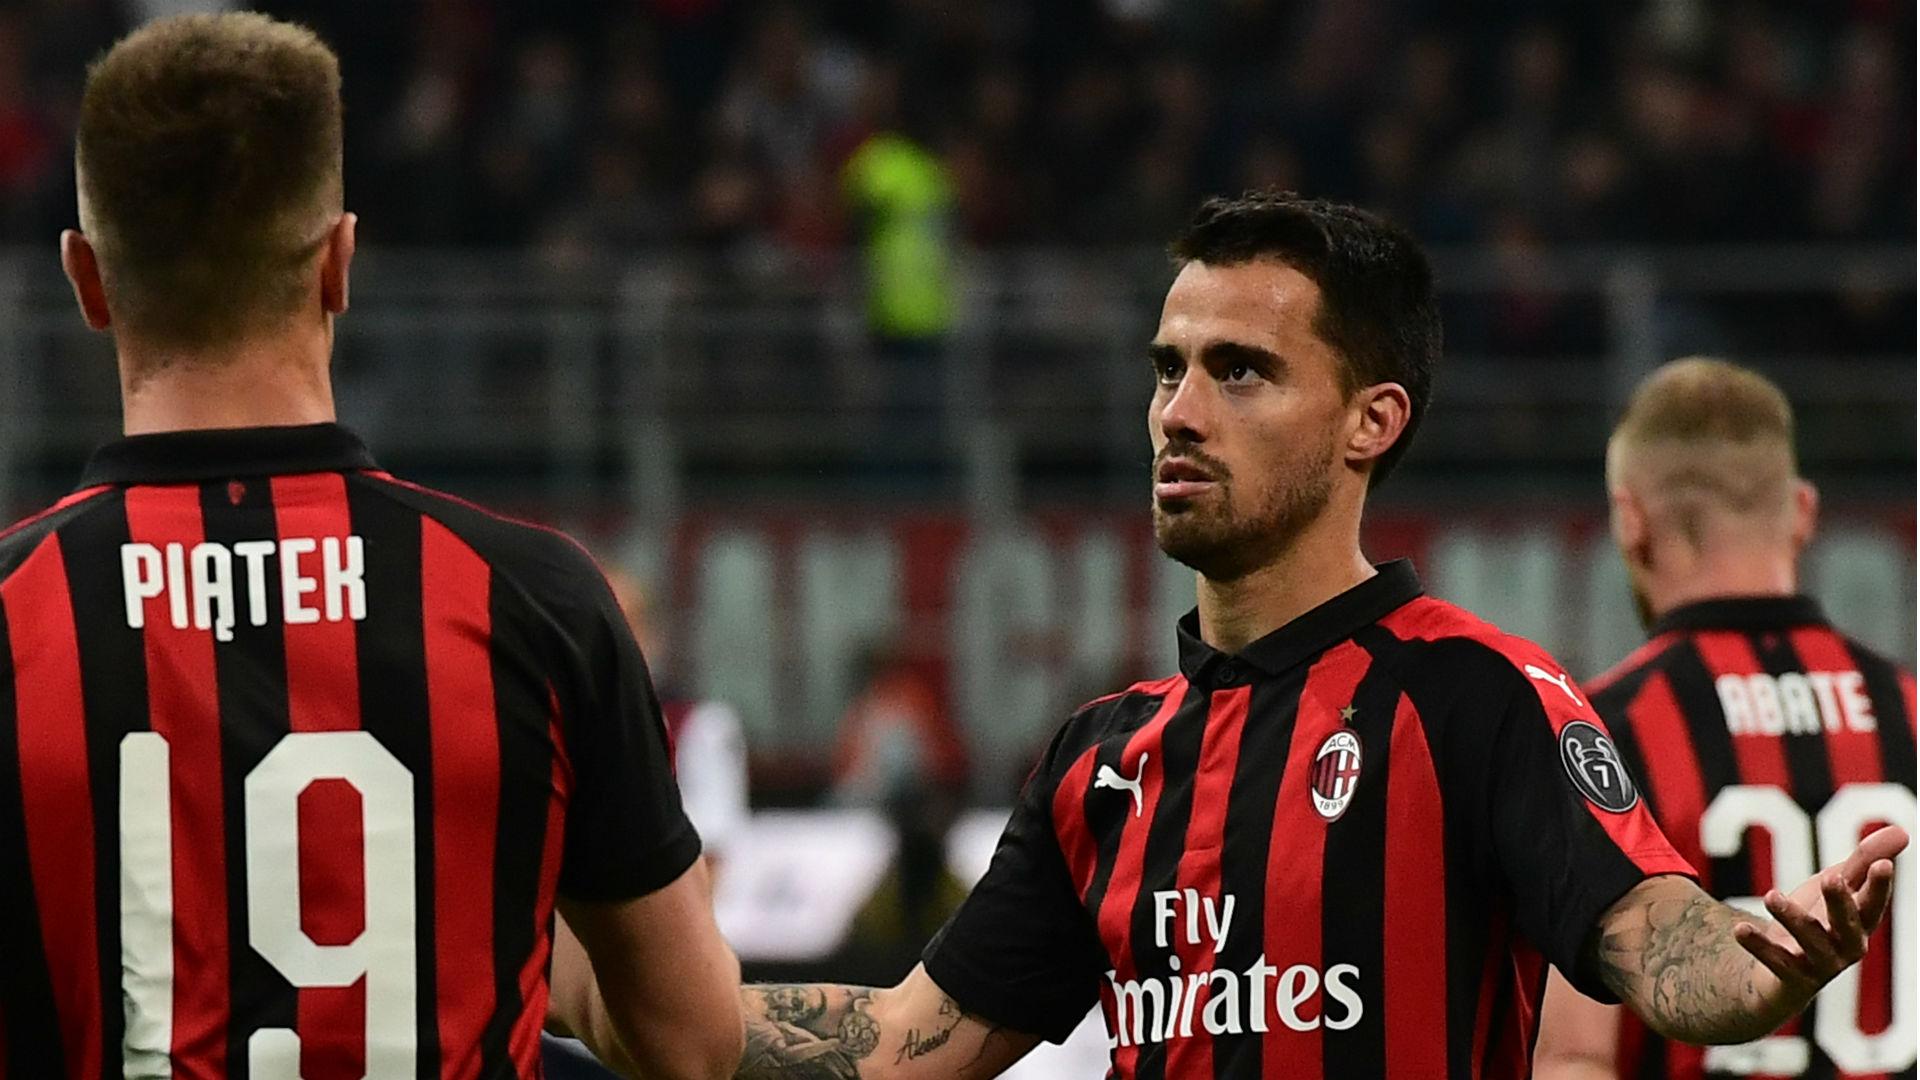 Milan Ac Calendrier.Serie A Classement Et Calendrier De L Inter L Atalanta